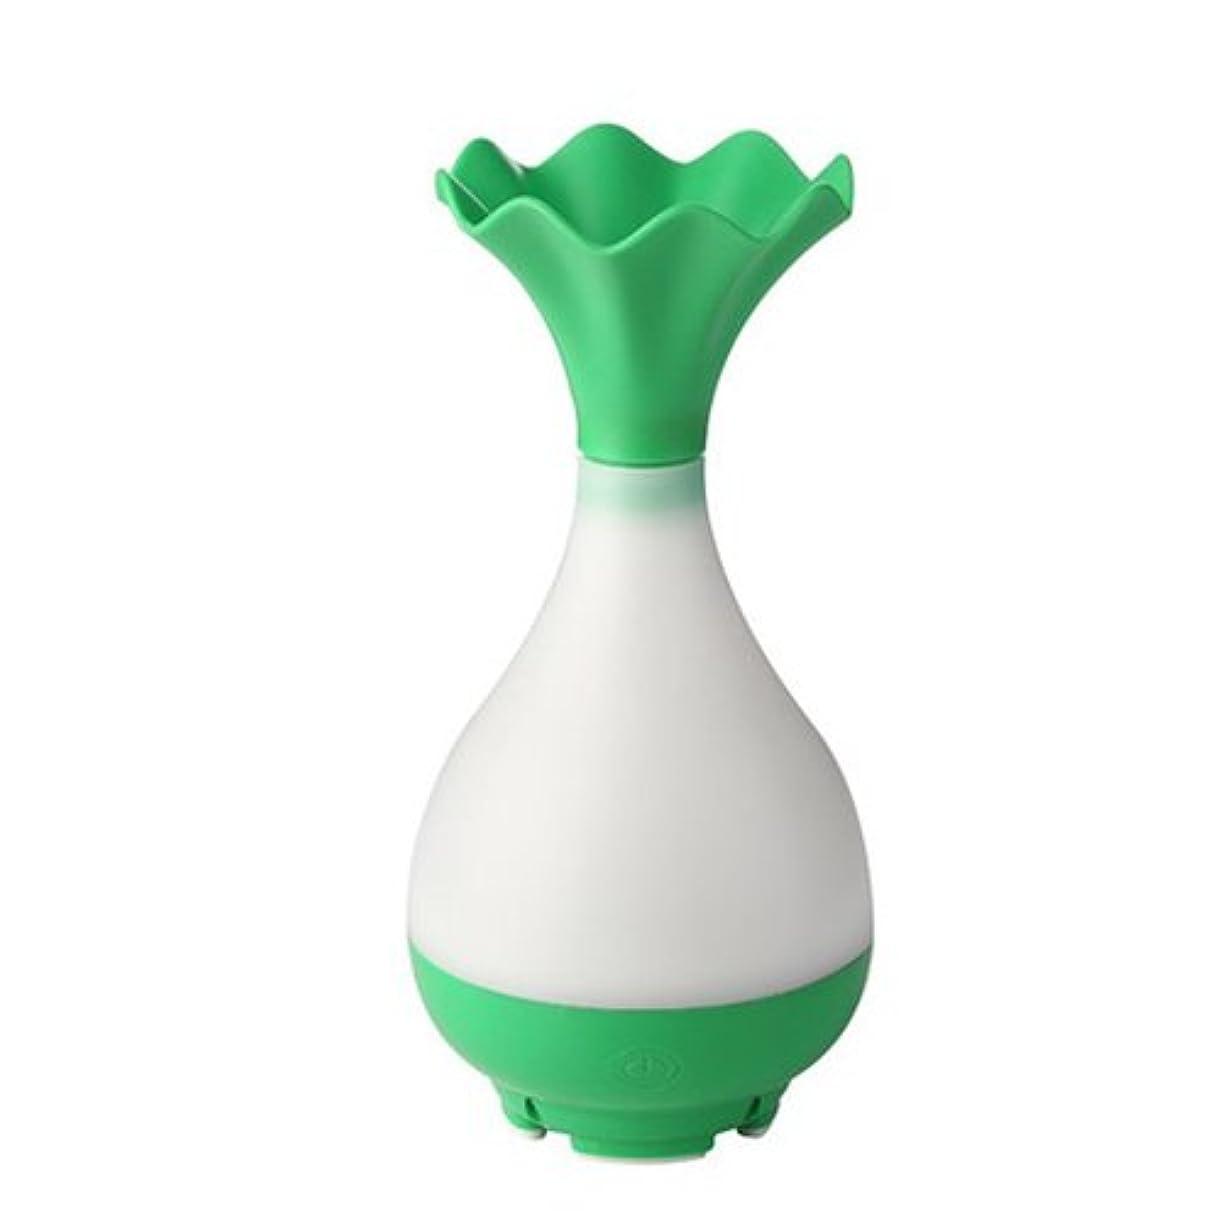 試す魅力滞在Mystic Moments   Green Vase Bottle USB Aromatherapy Oil Humidifier Diffuser with LED Lighting